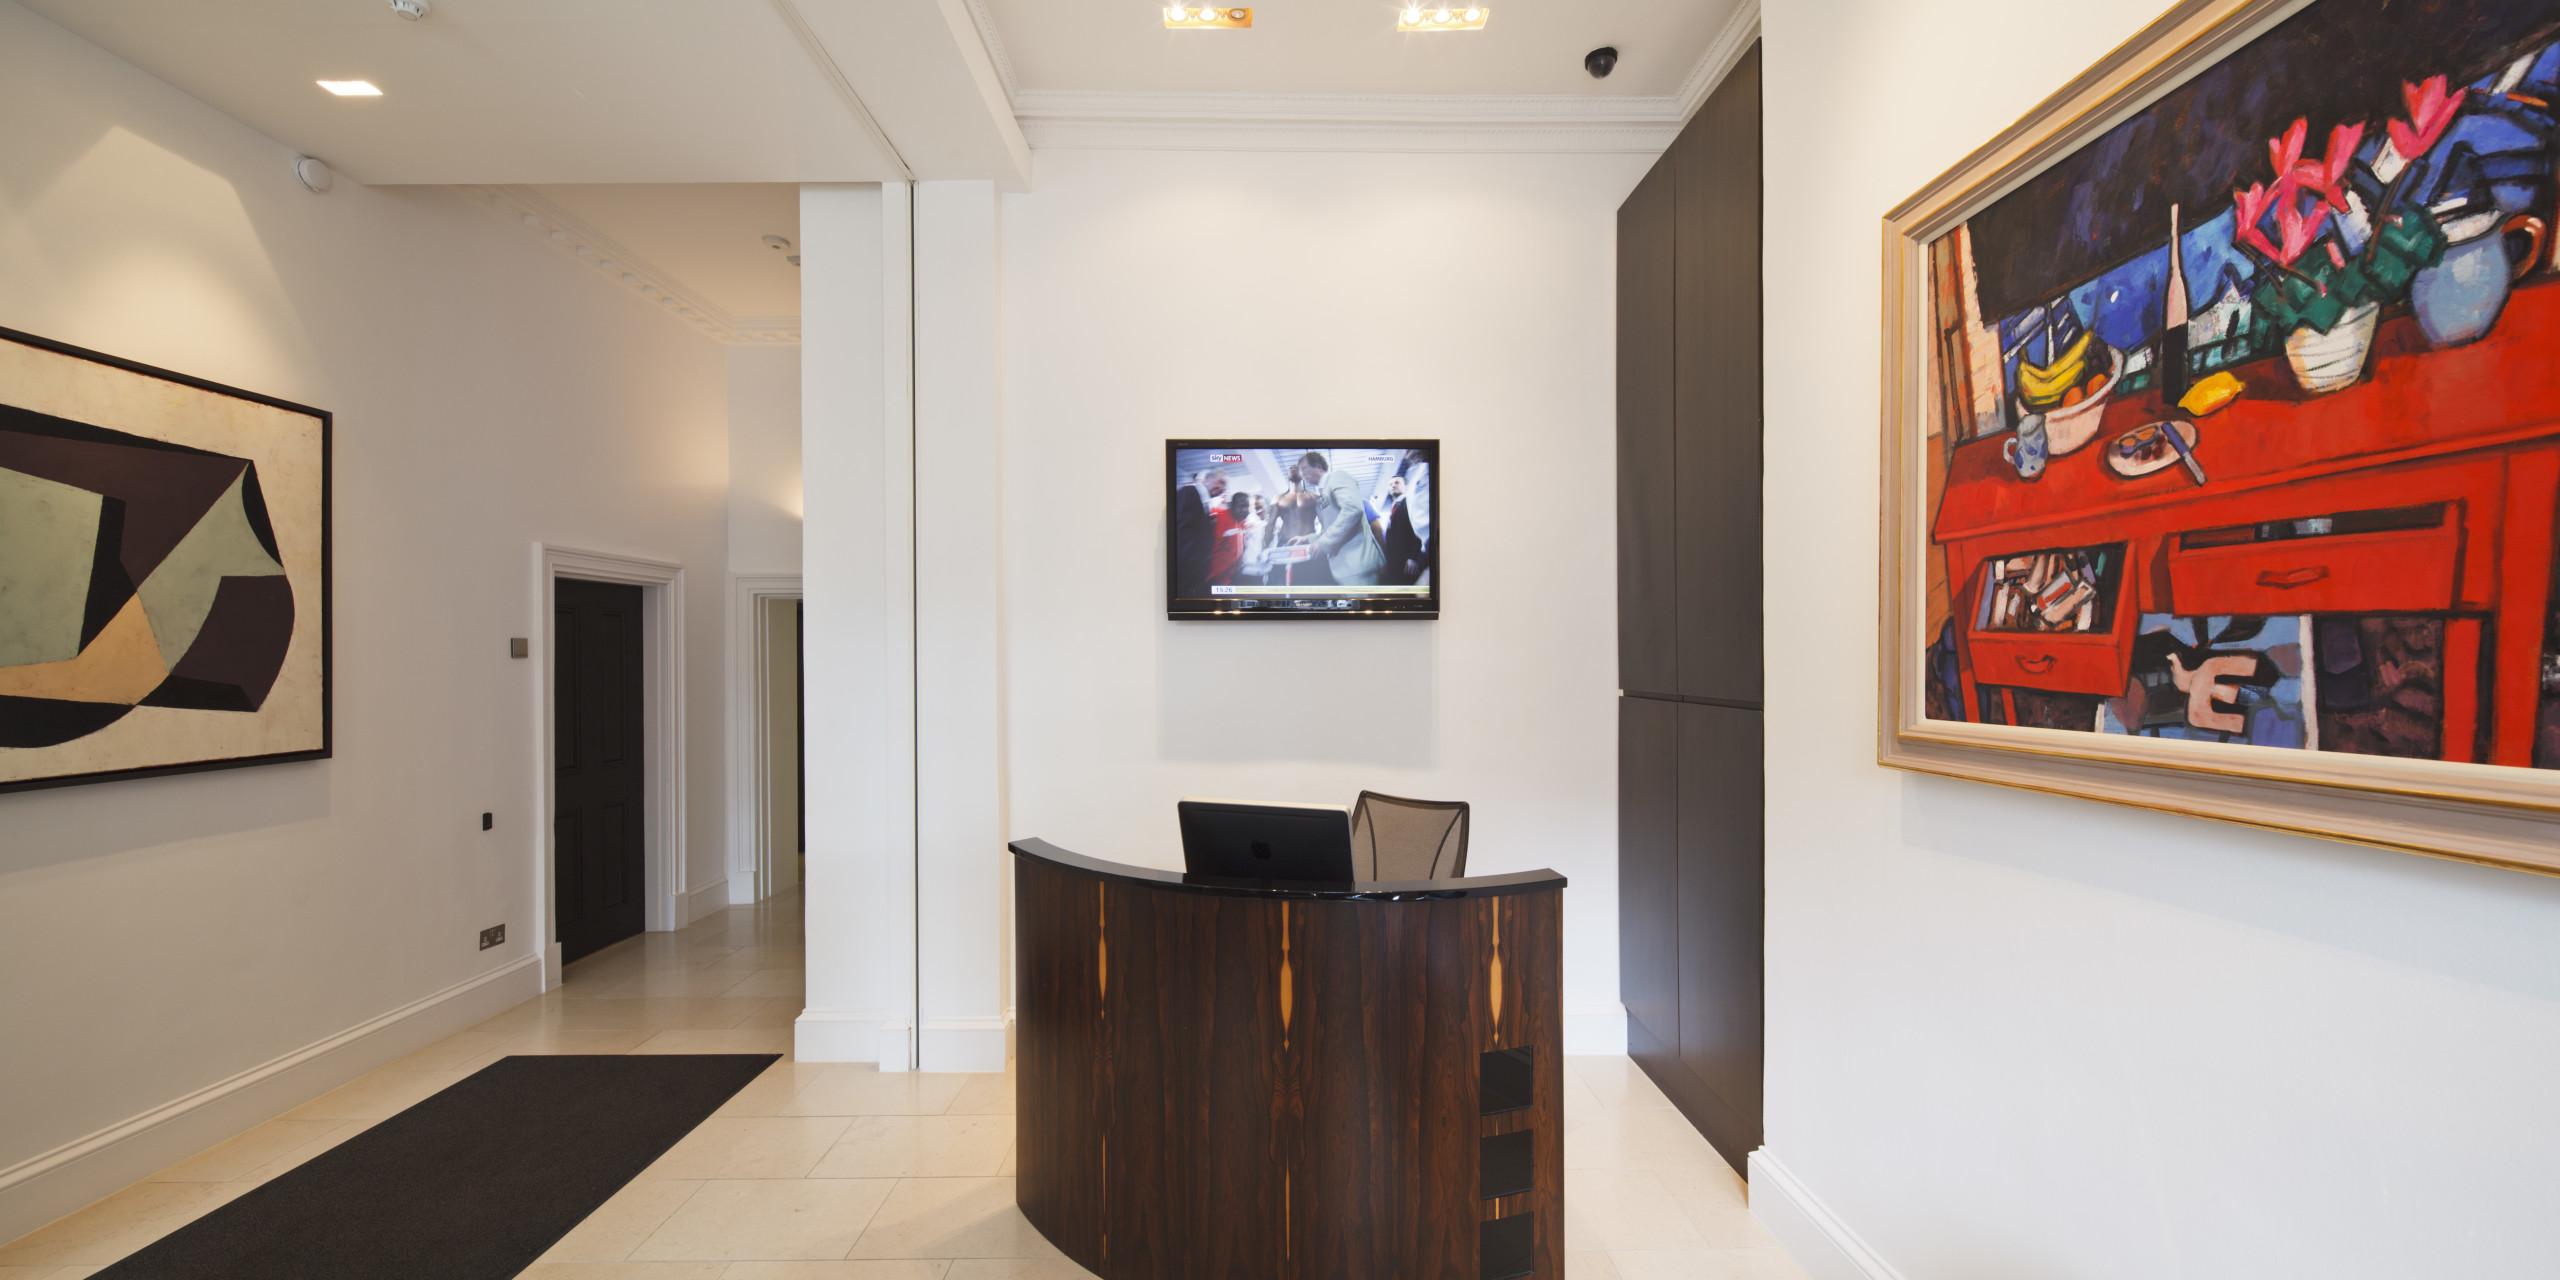 Copy of Manchester Sq Reception desk Marylebone_NH_07.2012_HR